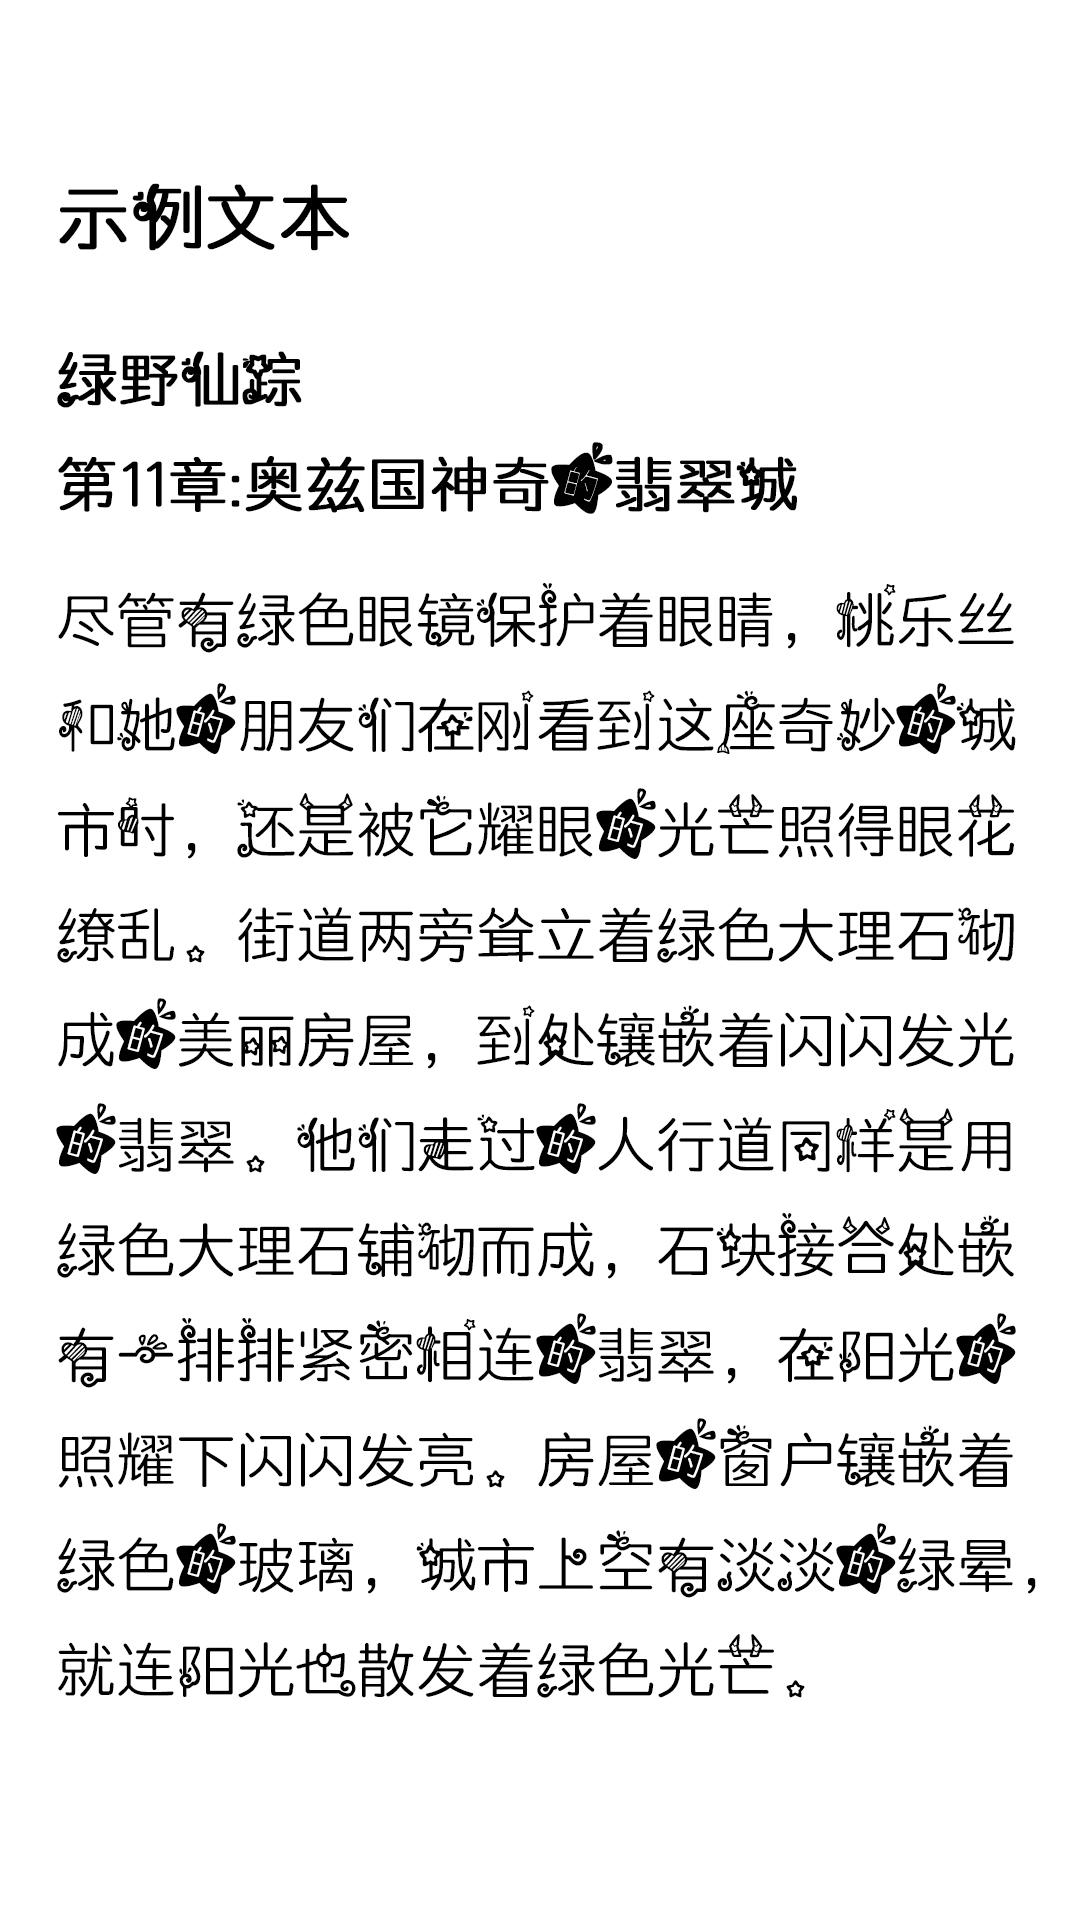 字体预览图1.jpg